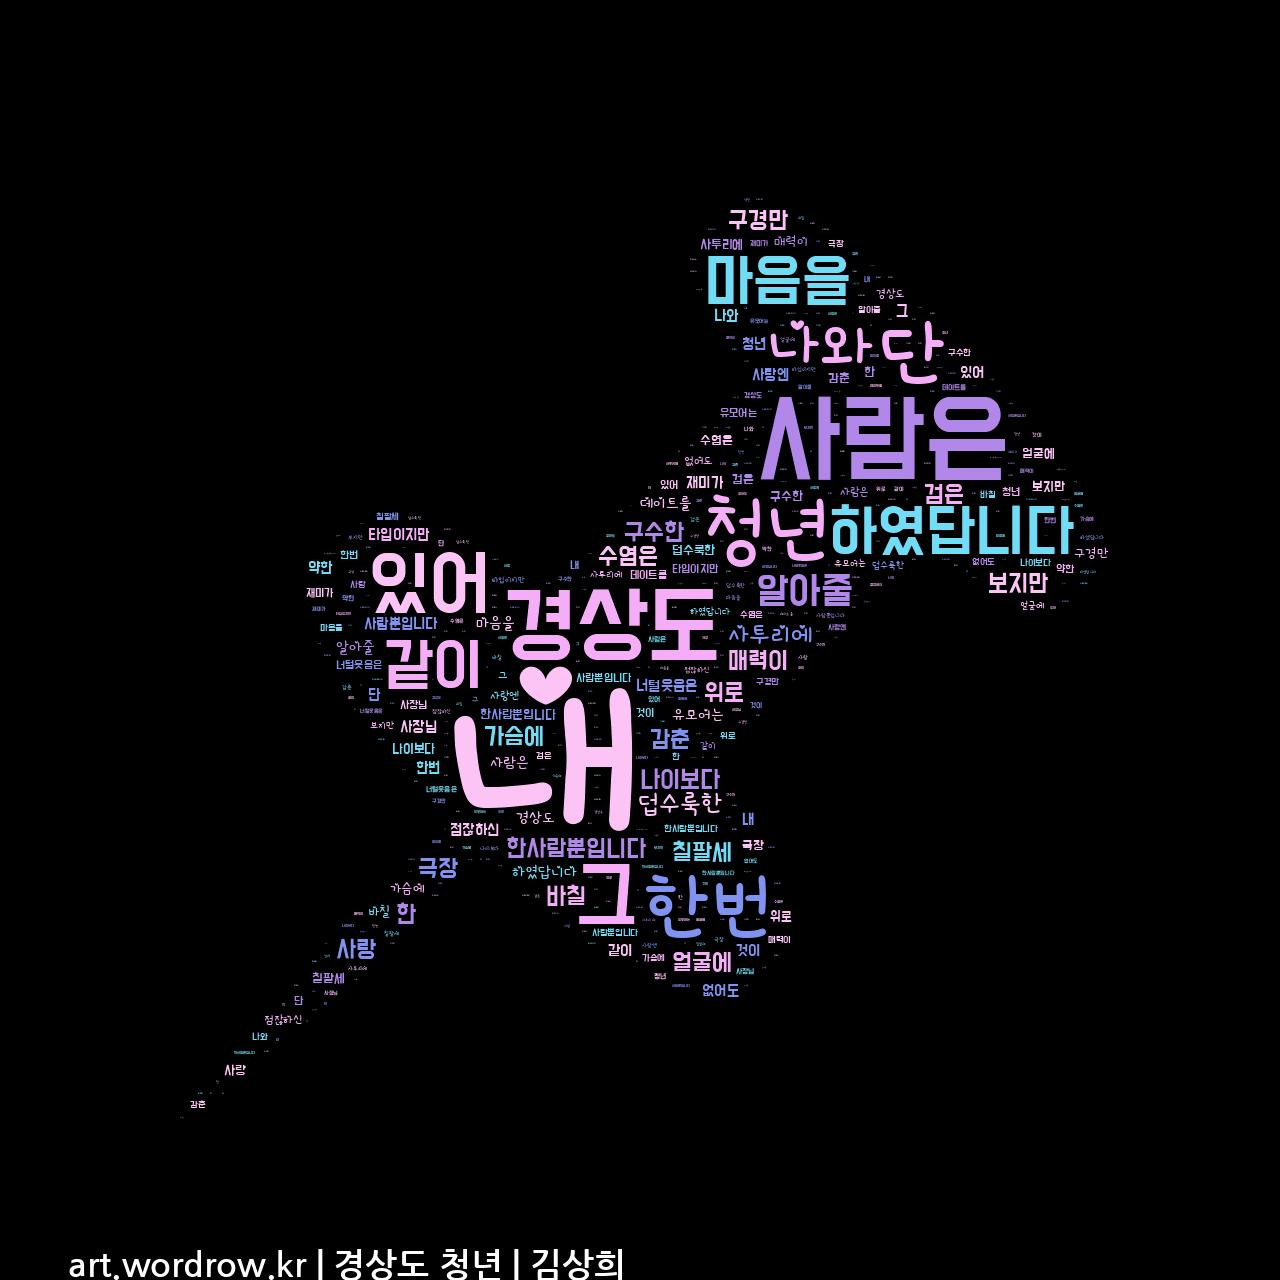 워드 클라우드: 경상도 청년 [김상희]-5